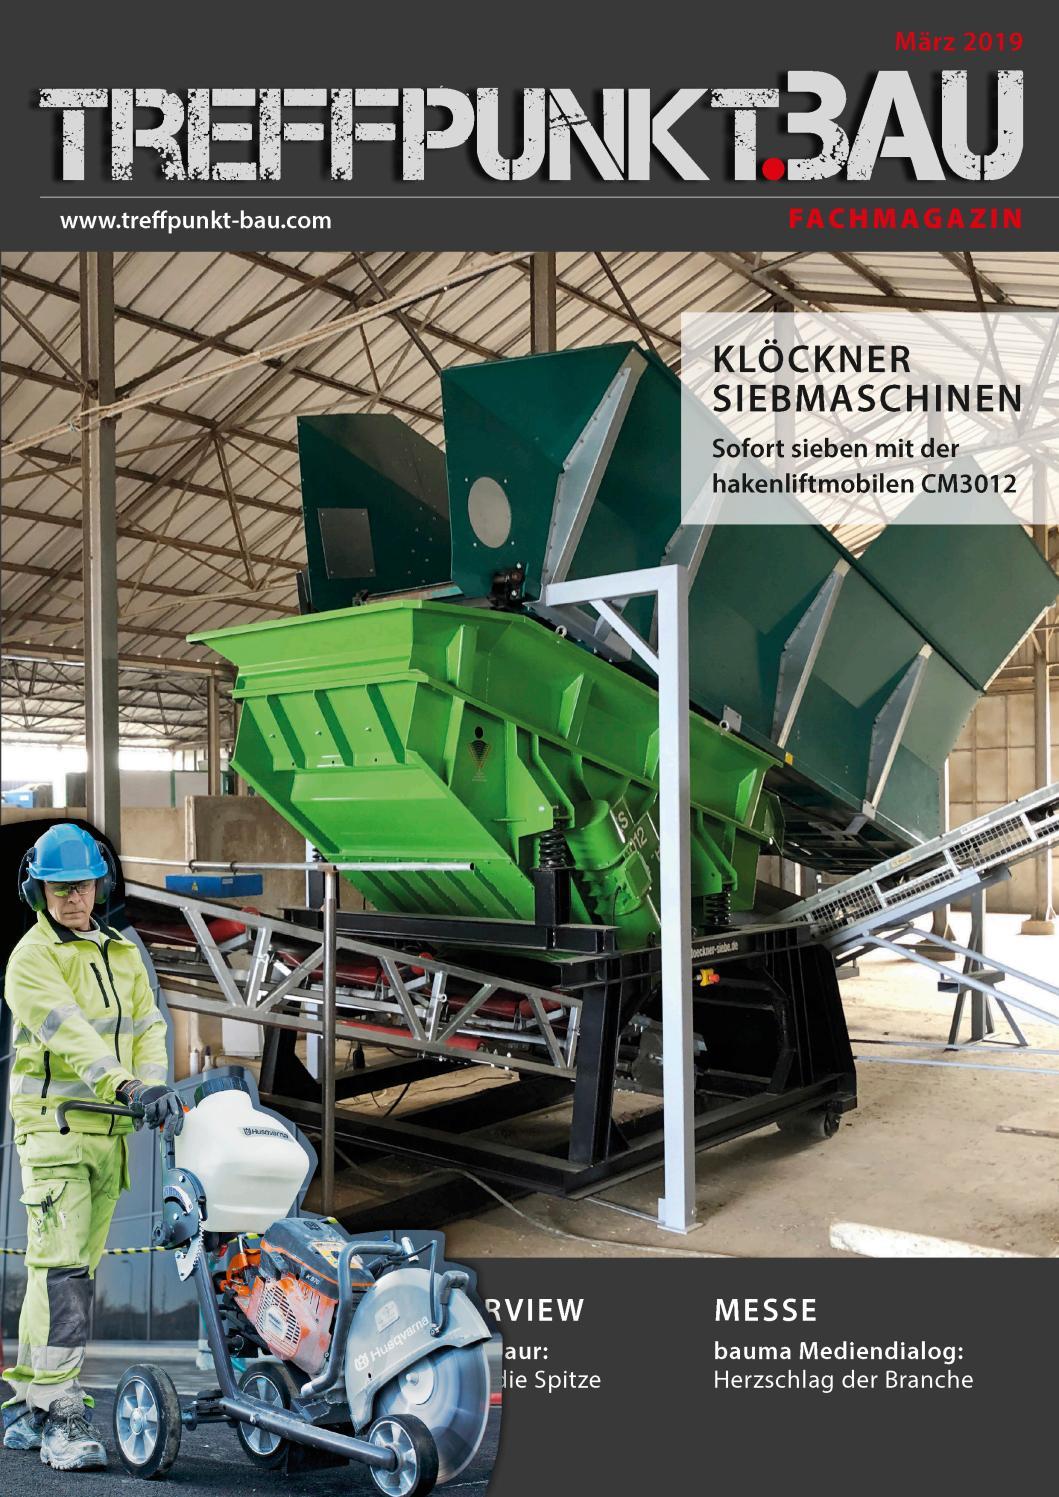 Treffpunkt.Bau 032019 by Treffpunkt.Bau issuu